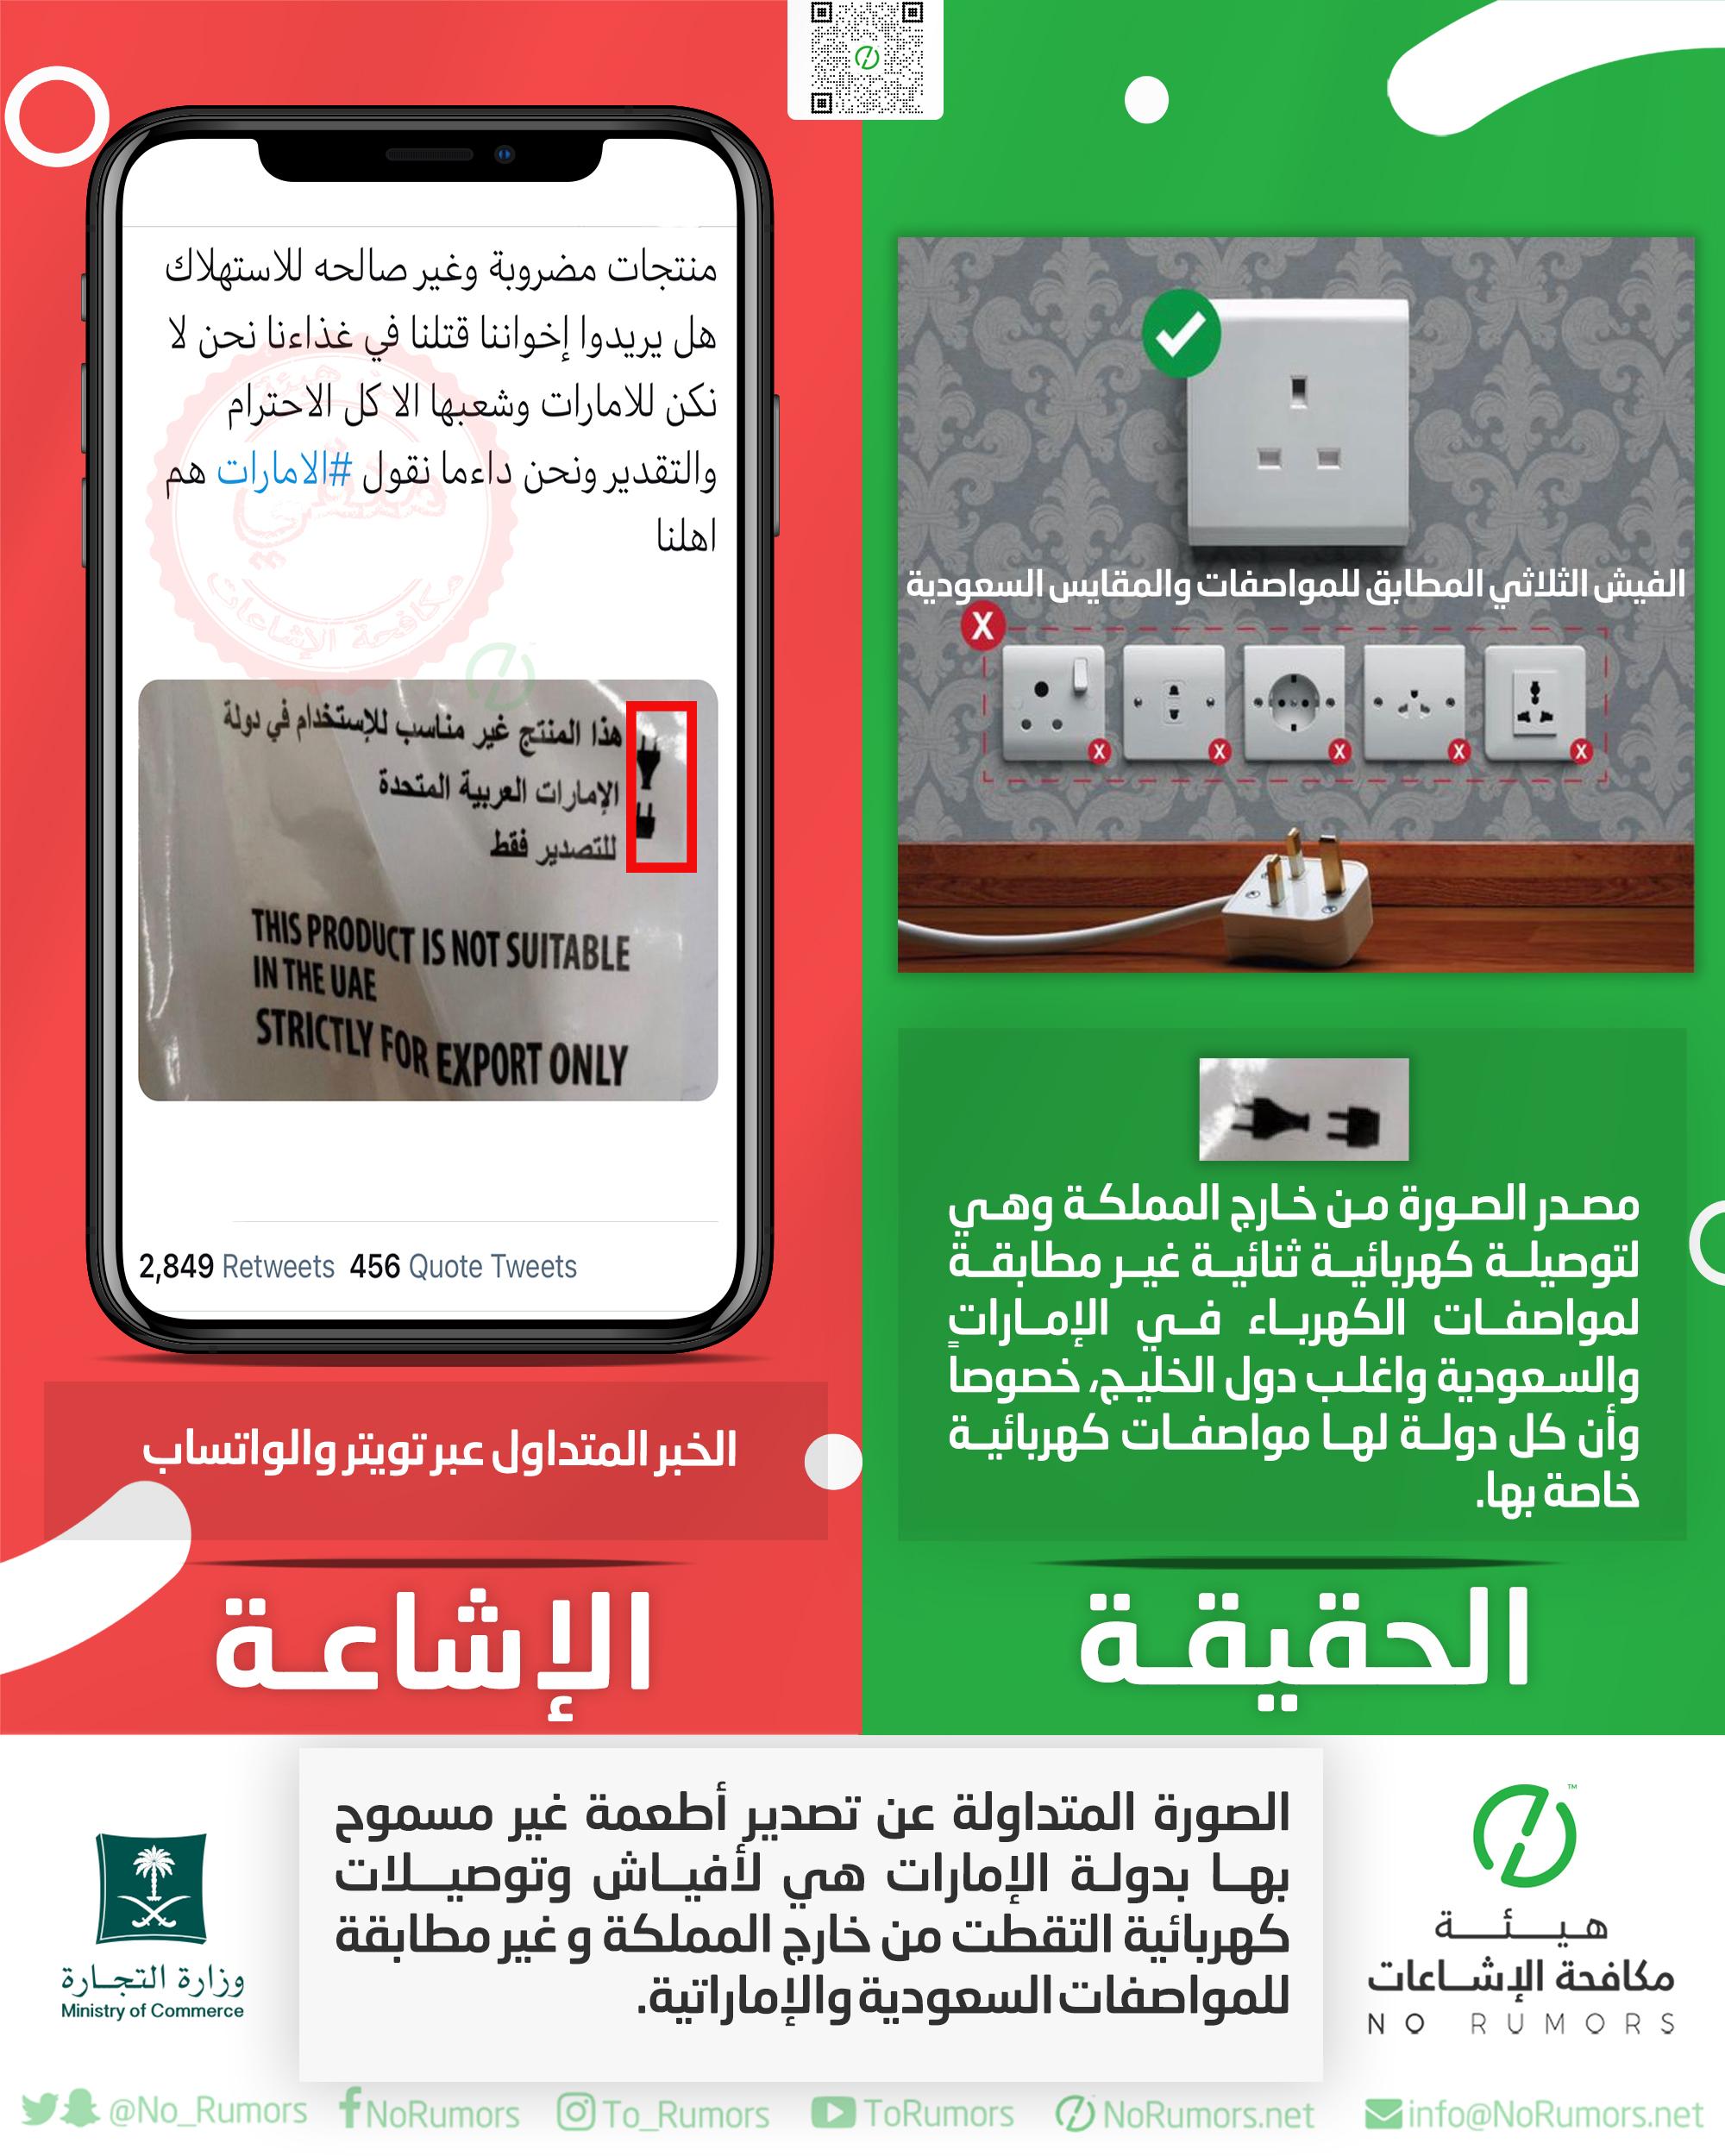 حقيقة الصورة المتداولة عن تصدير أطعمة غير مسموح بها بدولة الإمارات